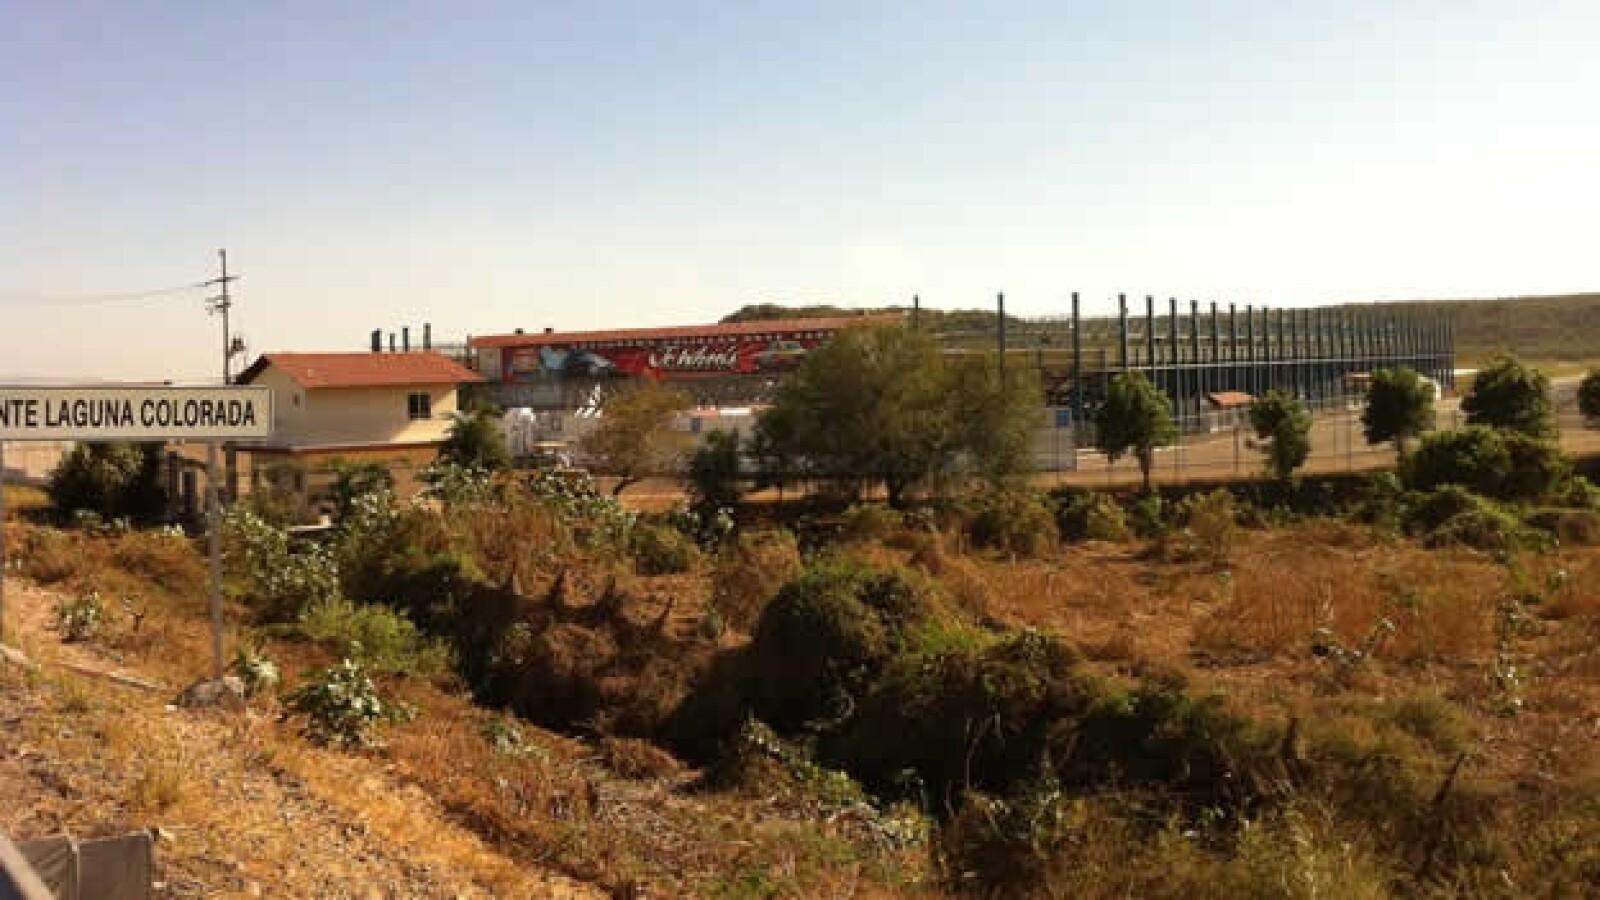 Autódromo Culiacán 3